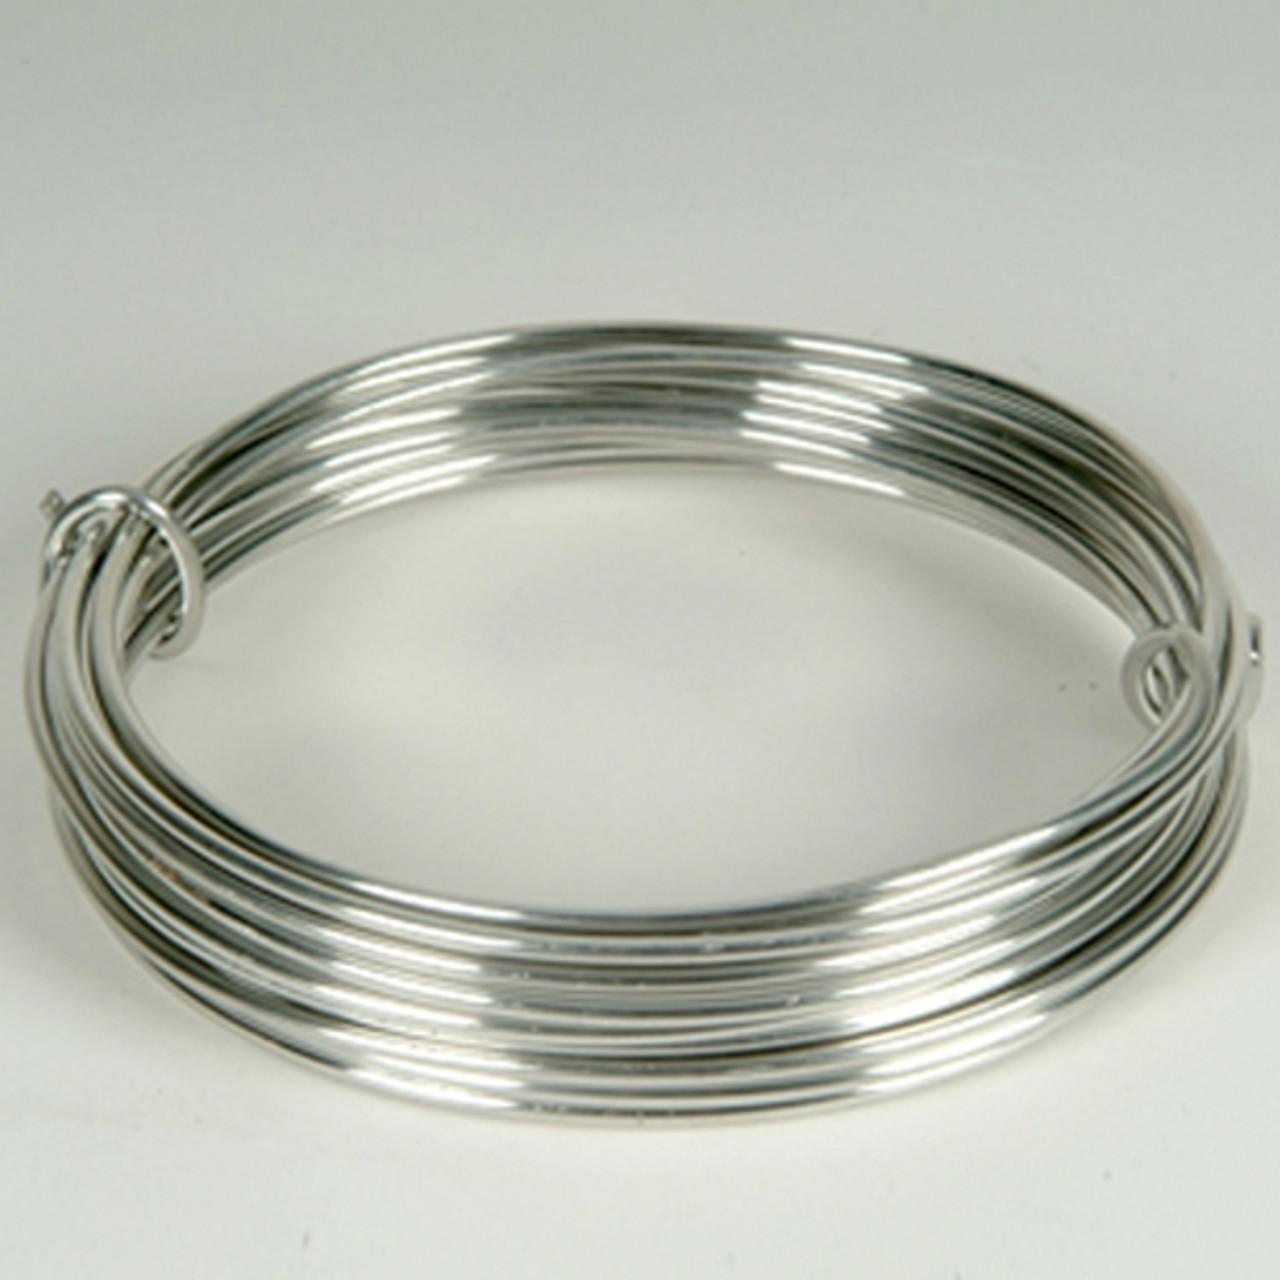 """Armature Wire 3/16"""" x 10'"""